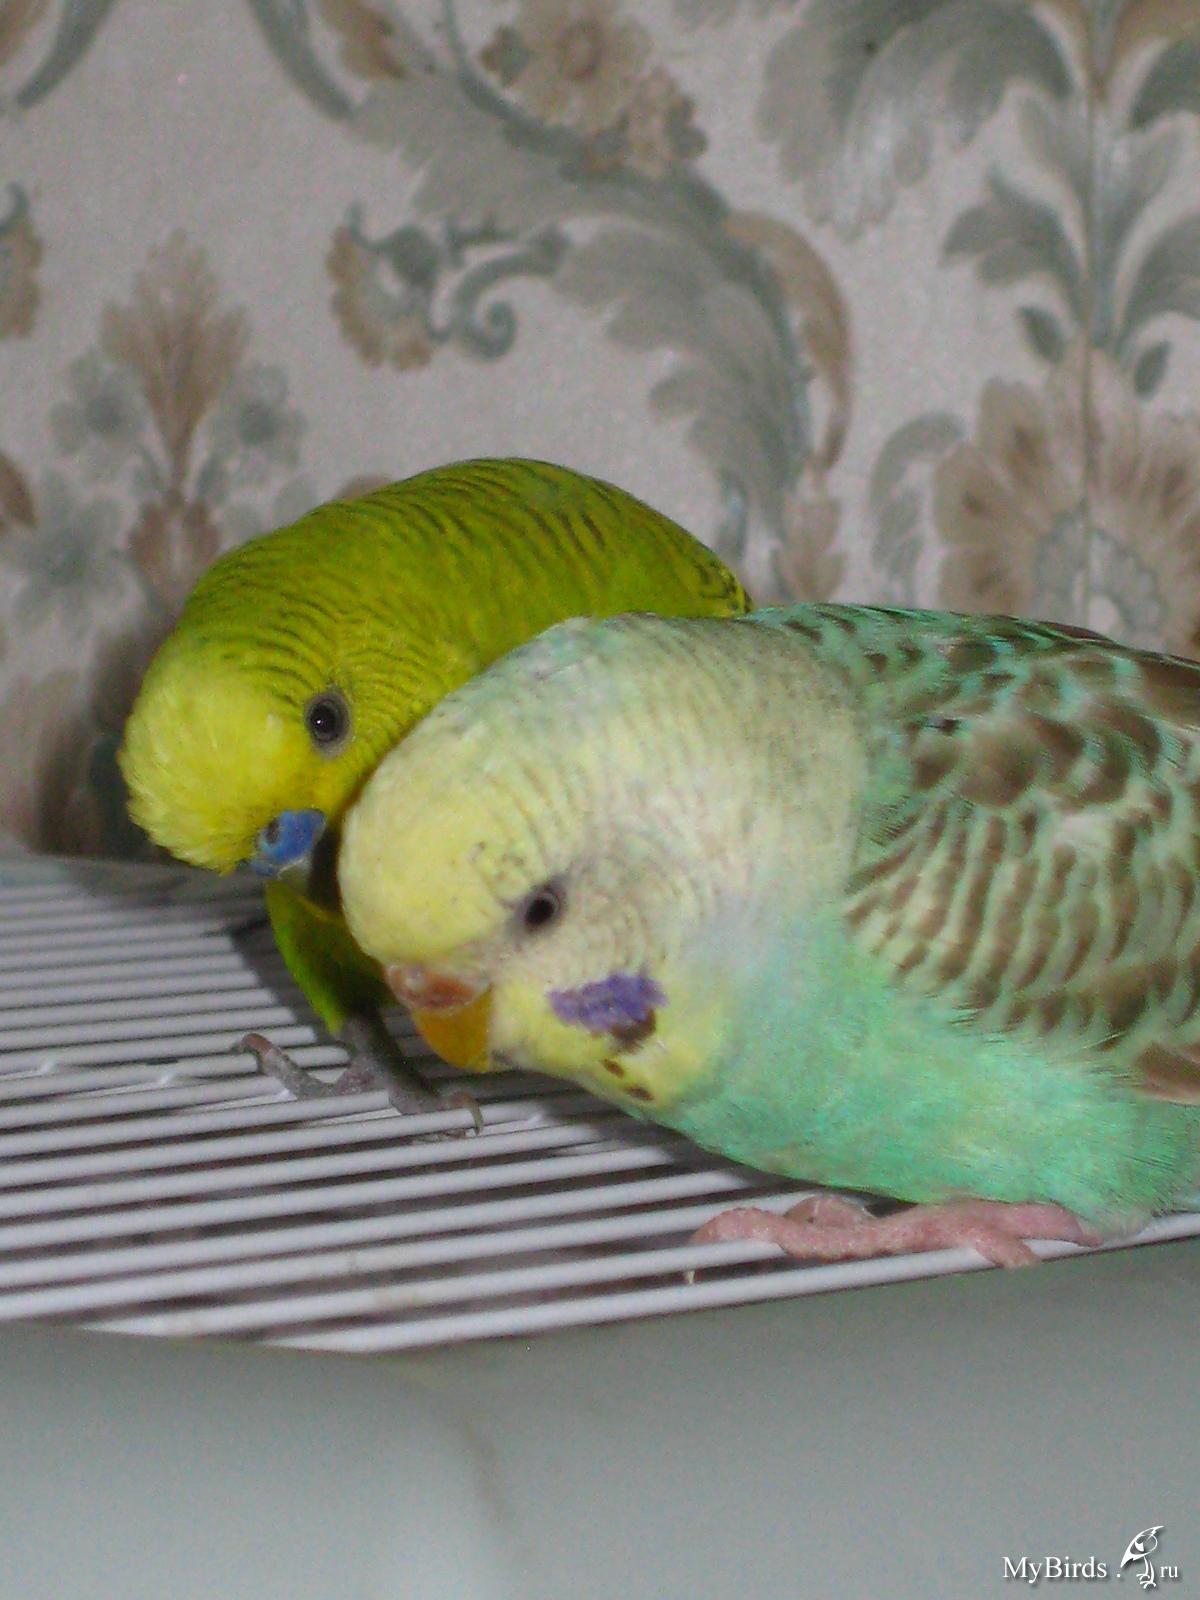 Окрасы волнистых попугаев - цвета, фото разных окрасов 27